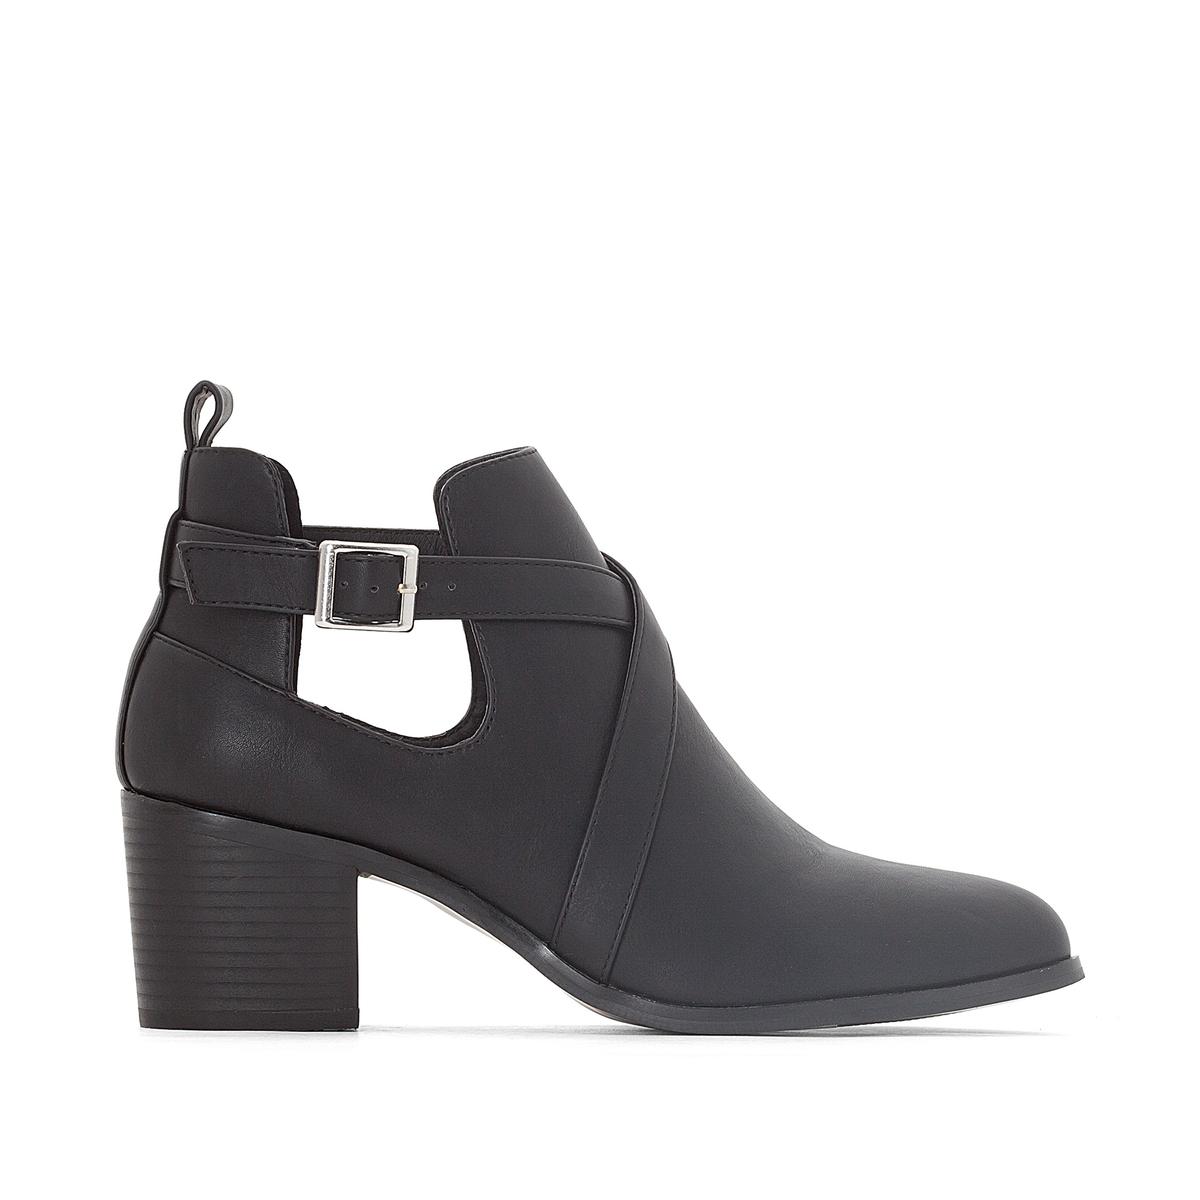 цена на Ботильоны La Redoute Кат-аут на каблуке для широкой стопы размеры - 43 черный